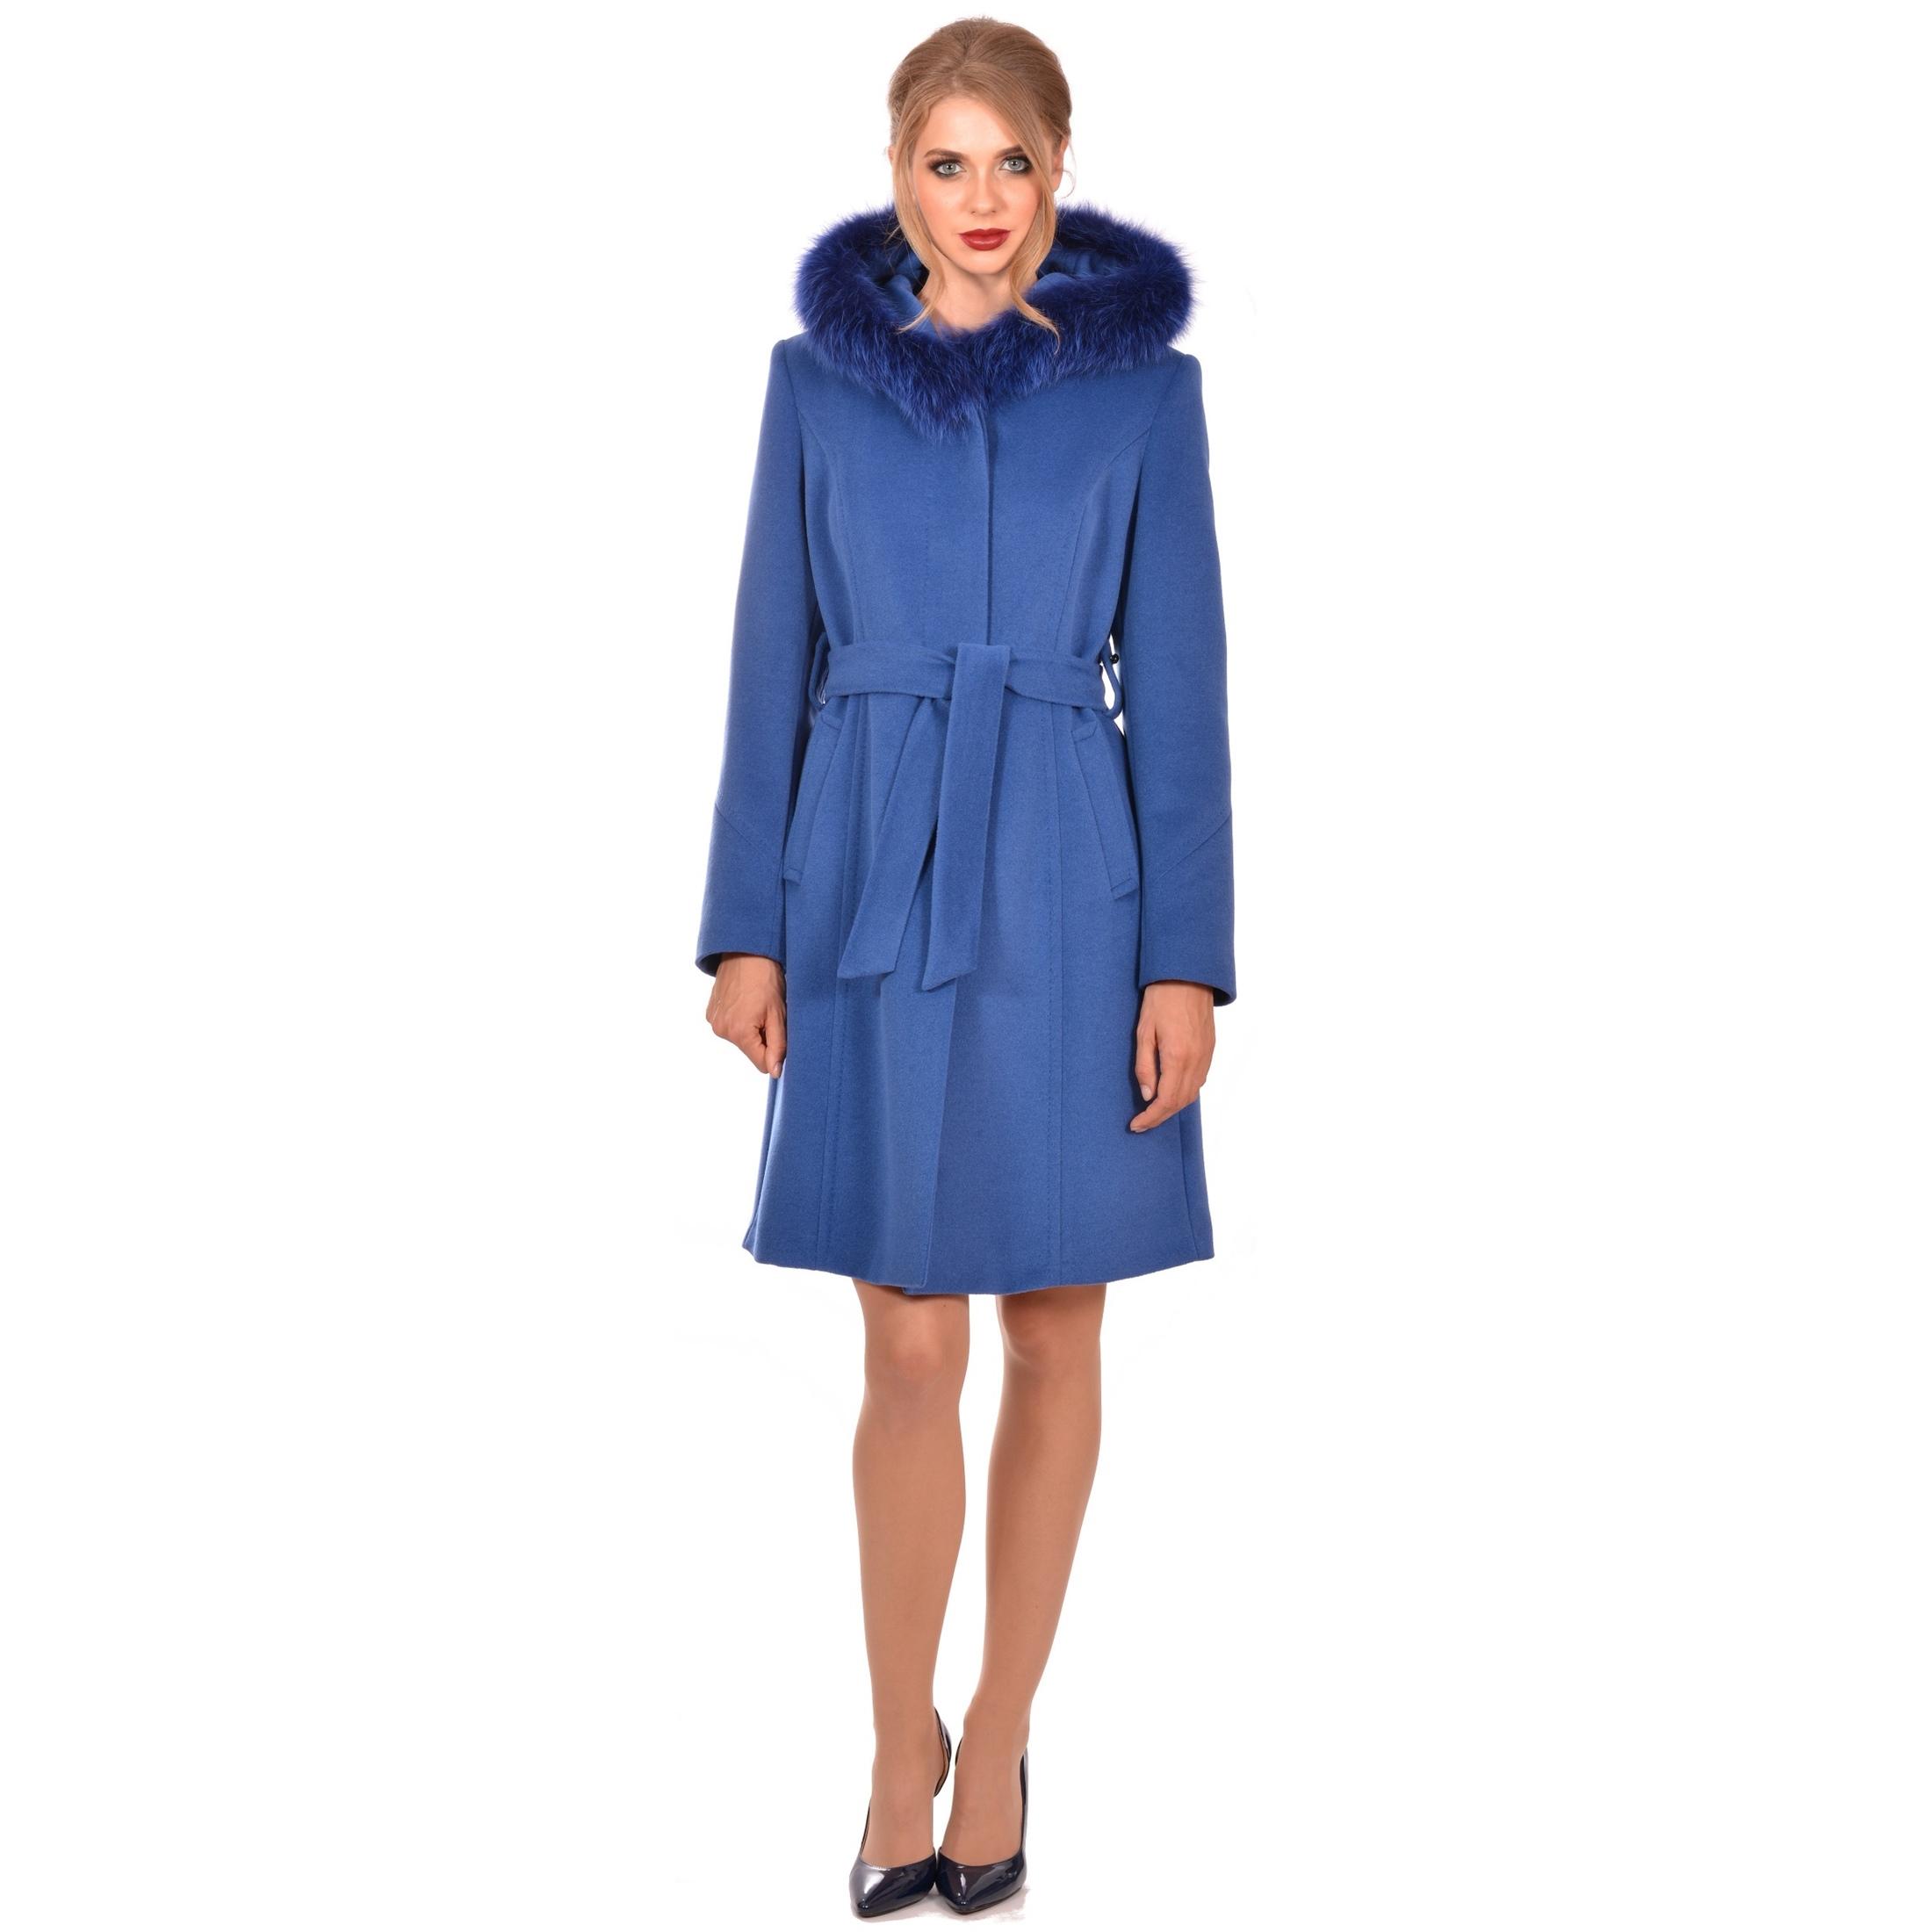 blue wool coat with fur and hood,plavi kaput s kapuljačom lady m